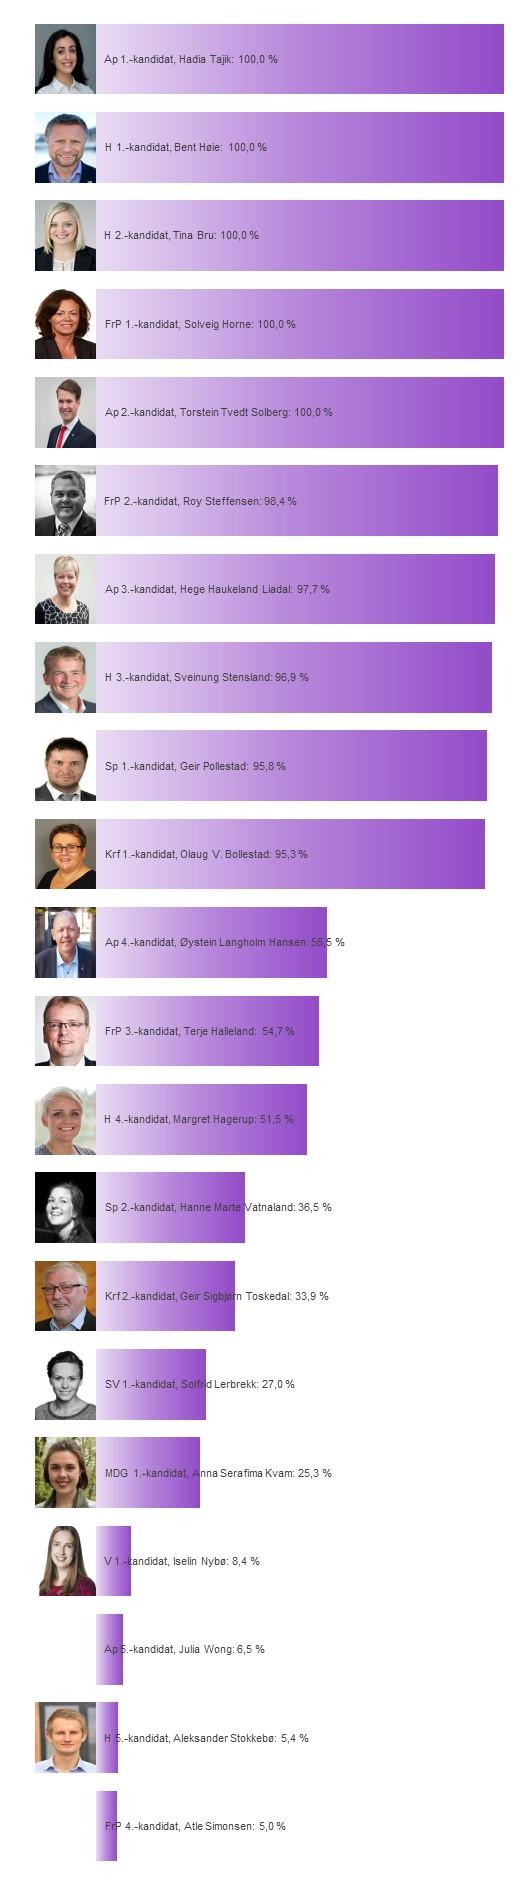 Fokus på Rogaland, kandidater